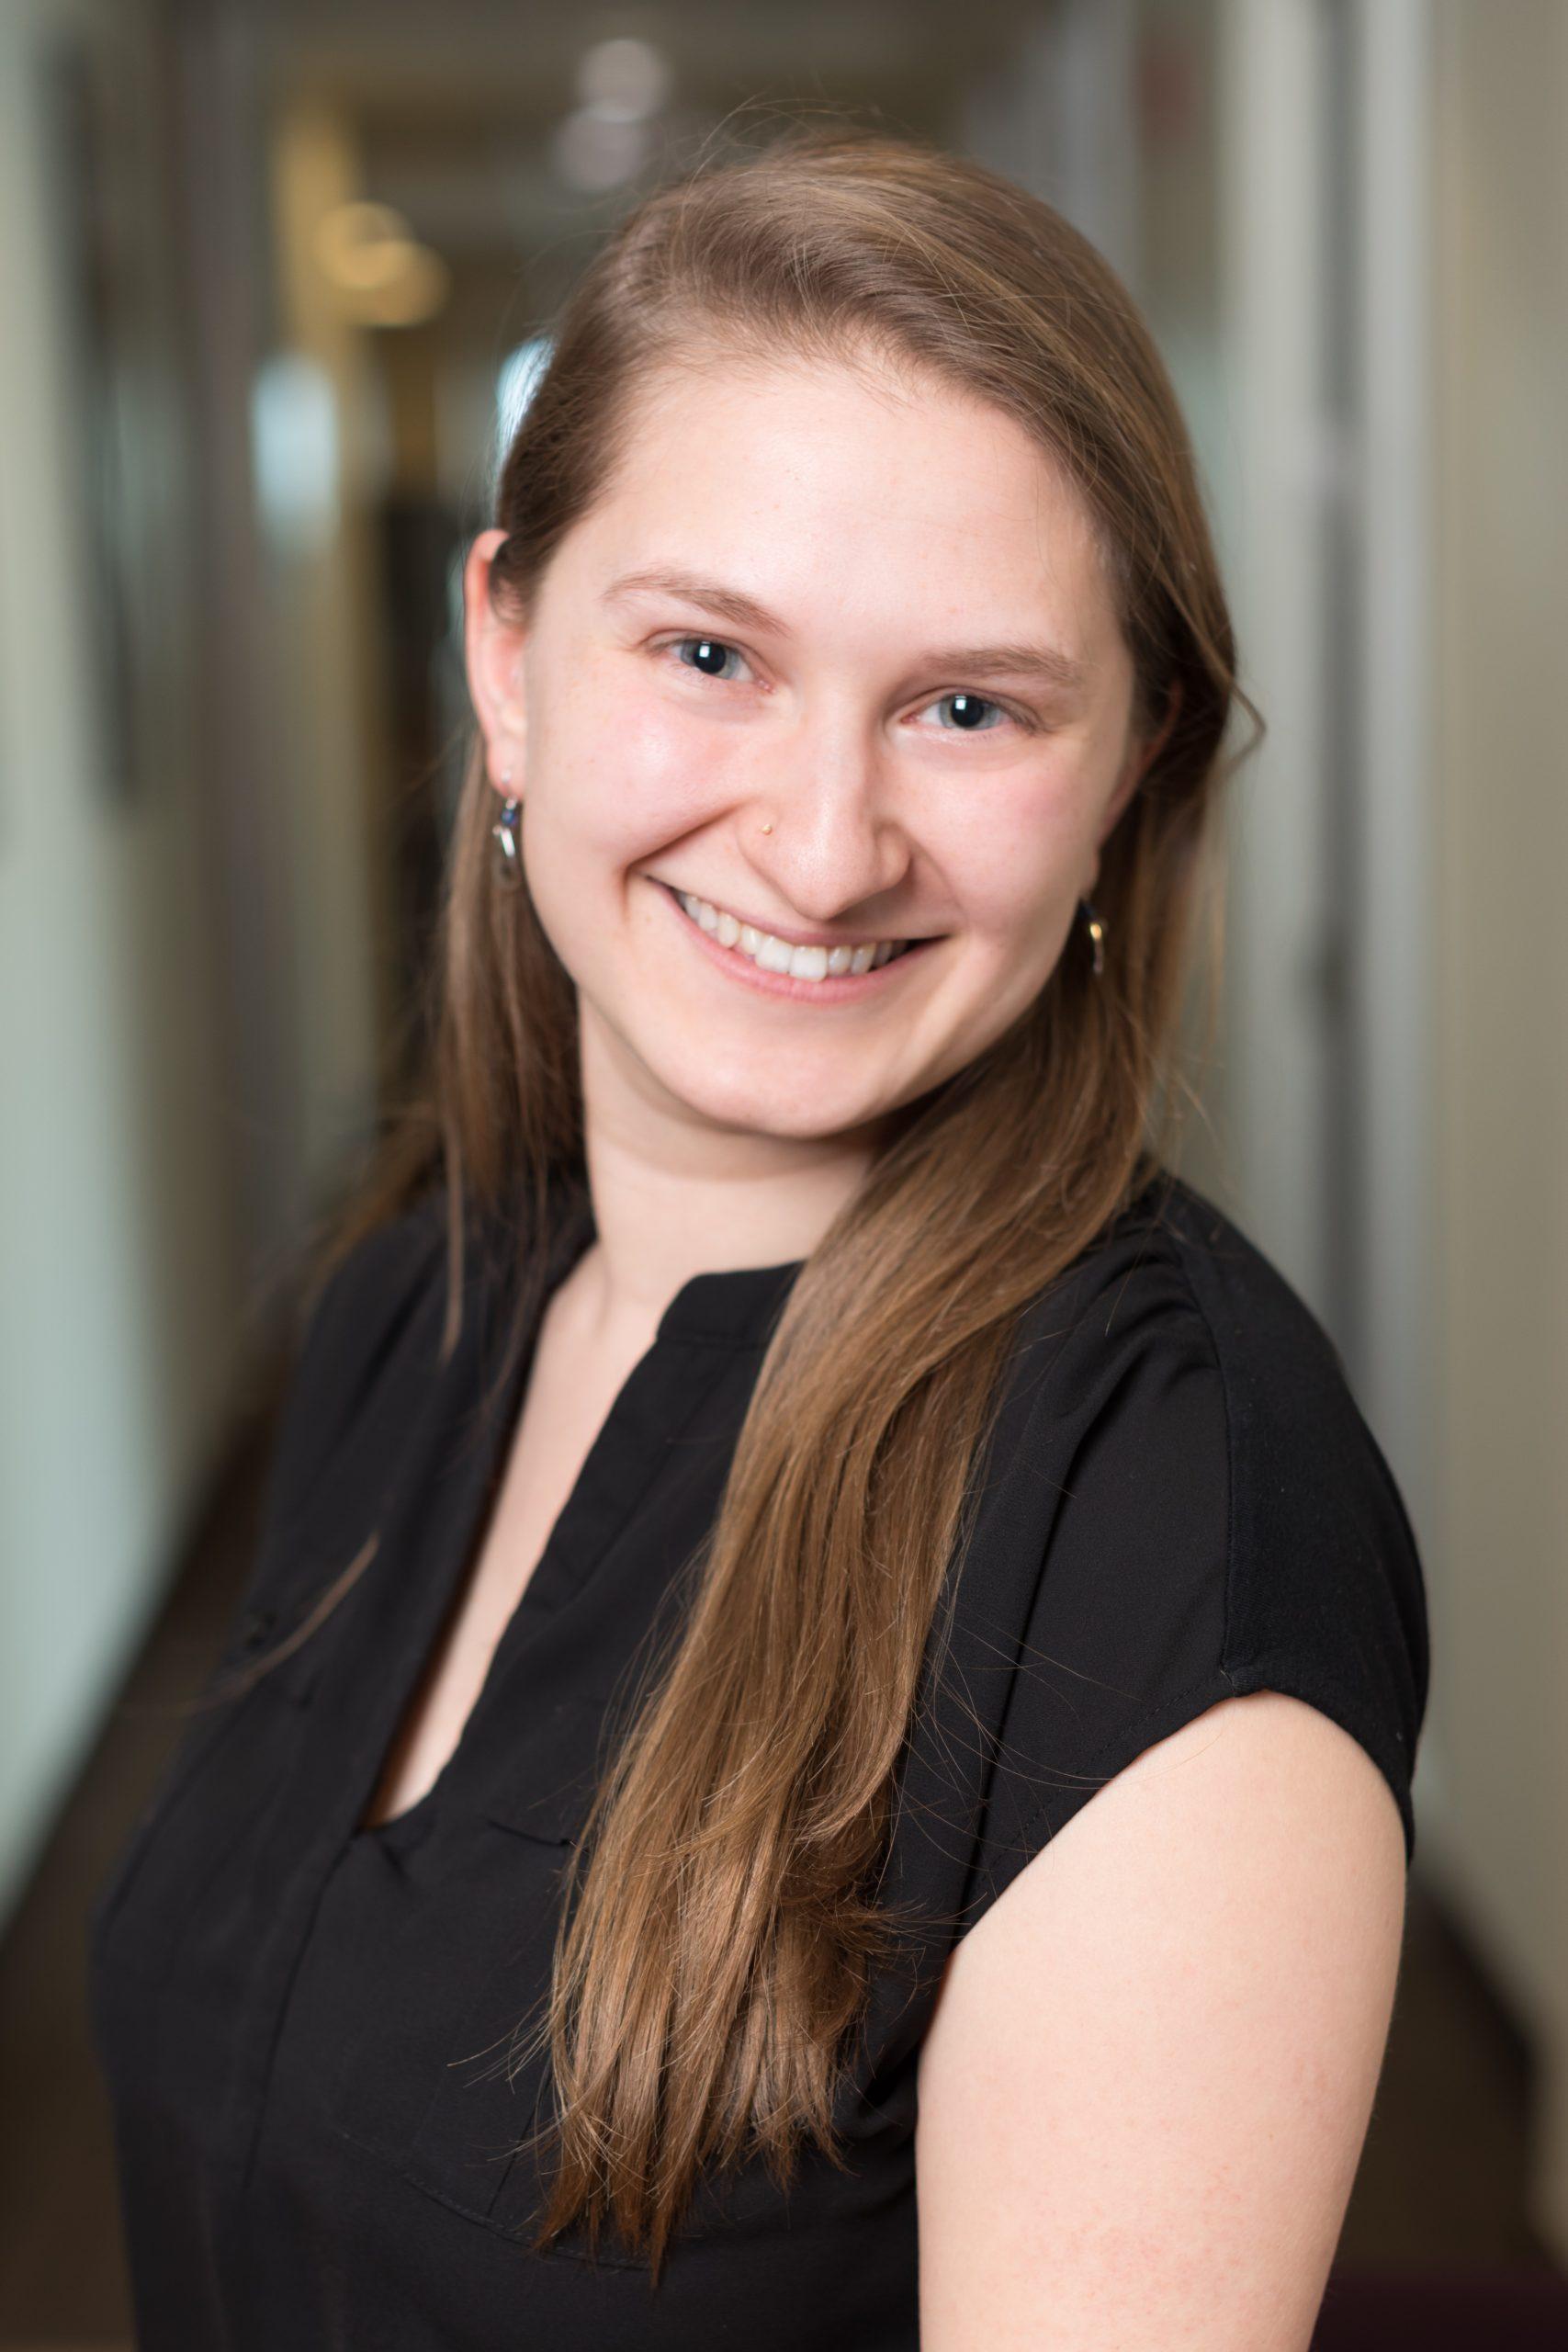 Jennifer Rossman